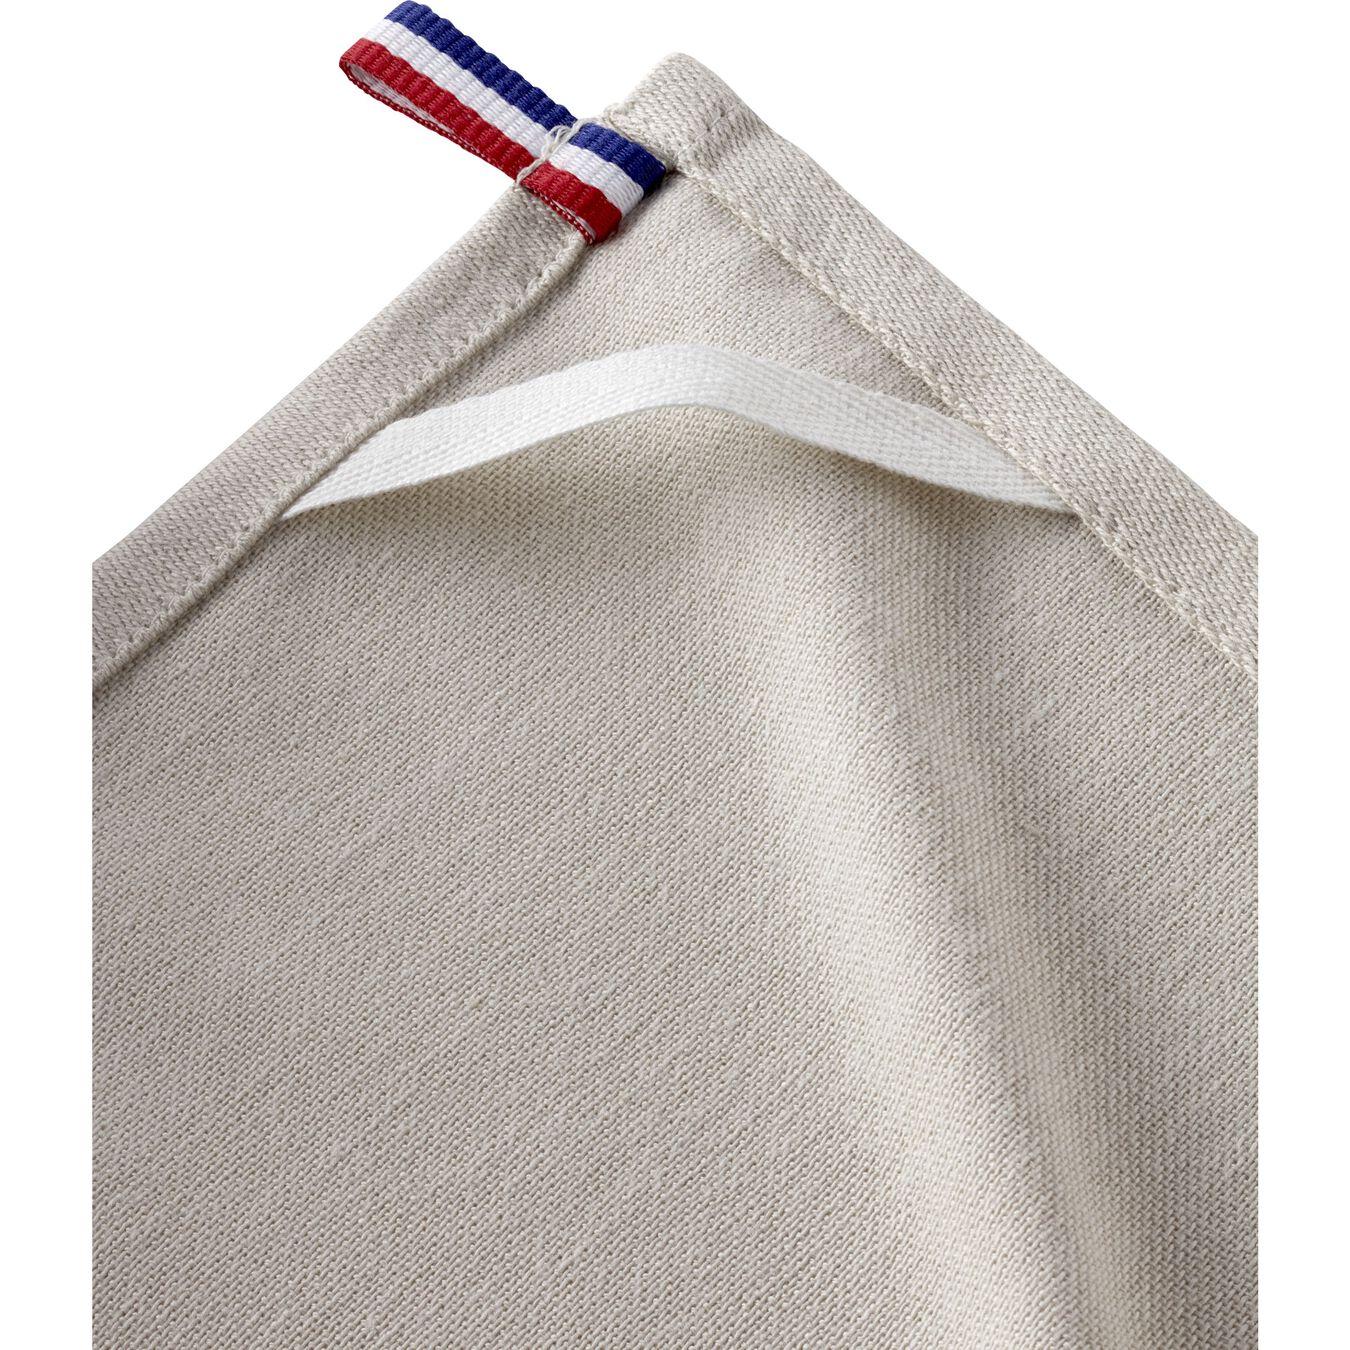 70 cm x 50 cm Kitchen towel, blue,,large 3